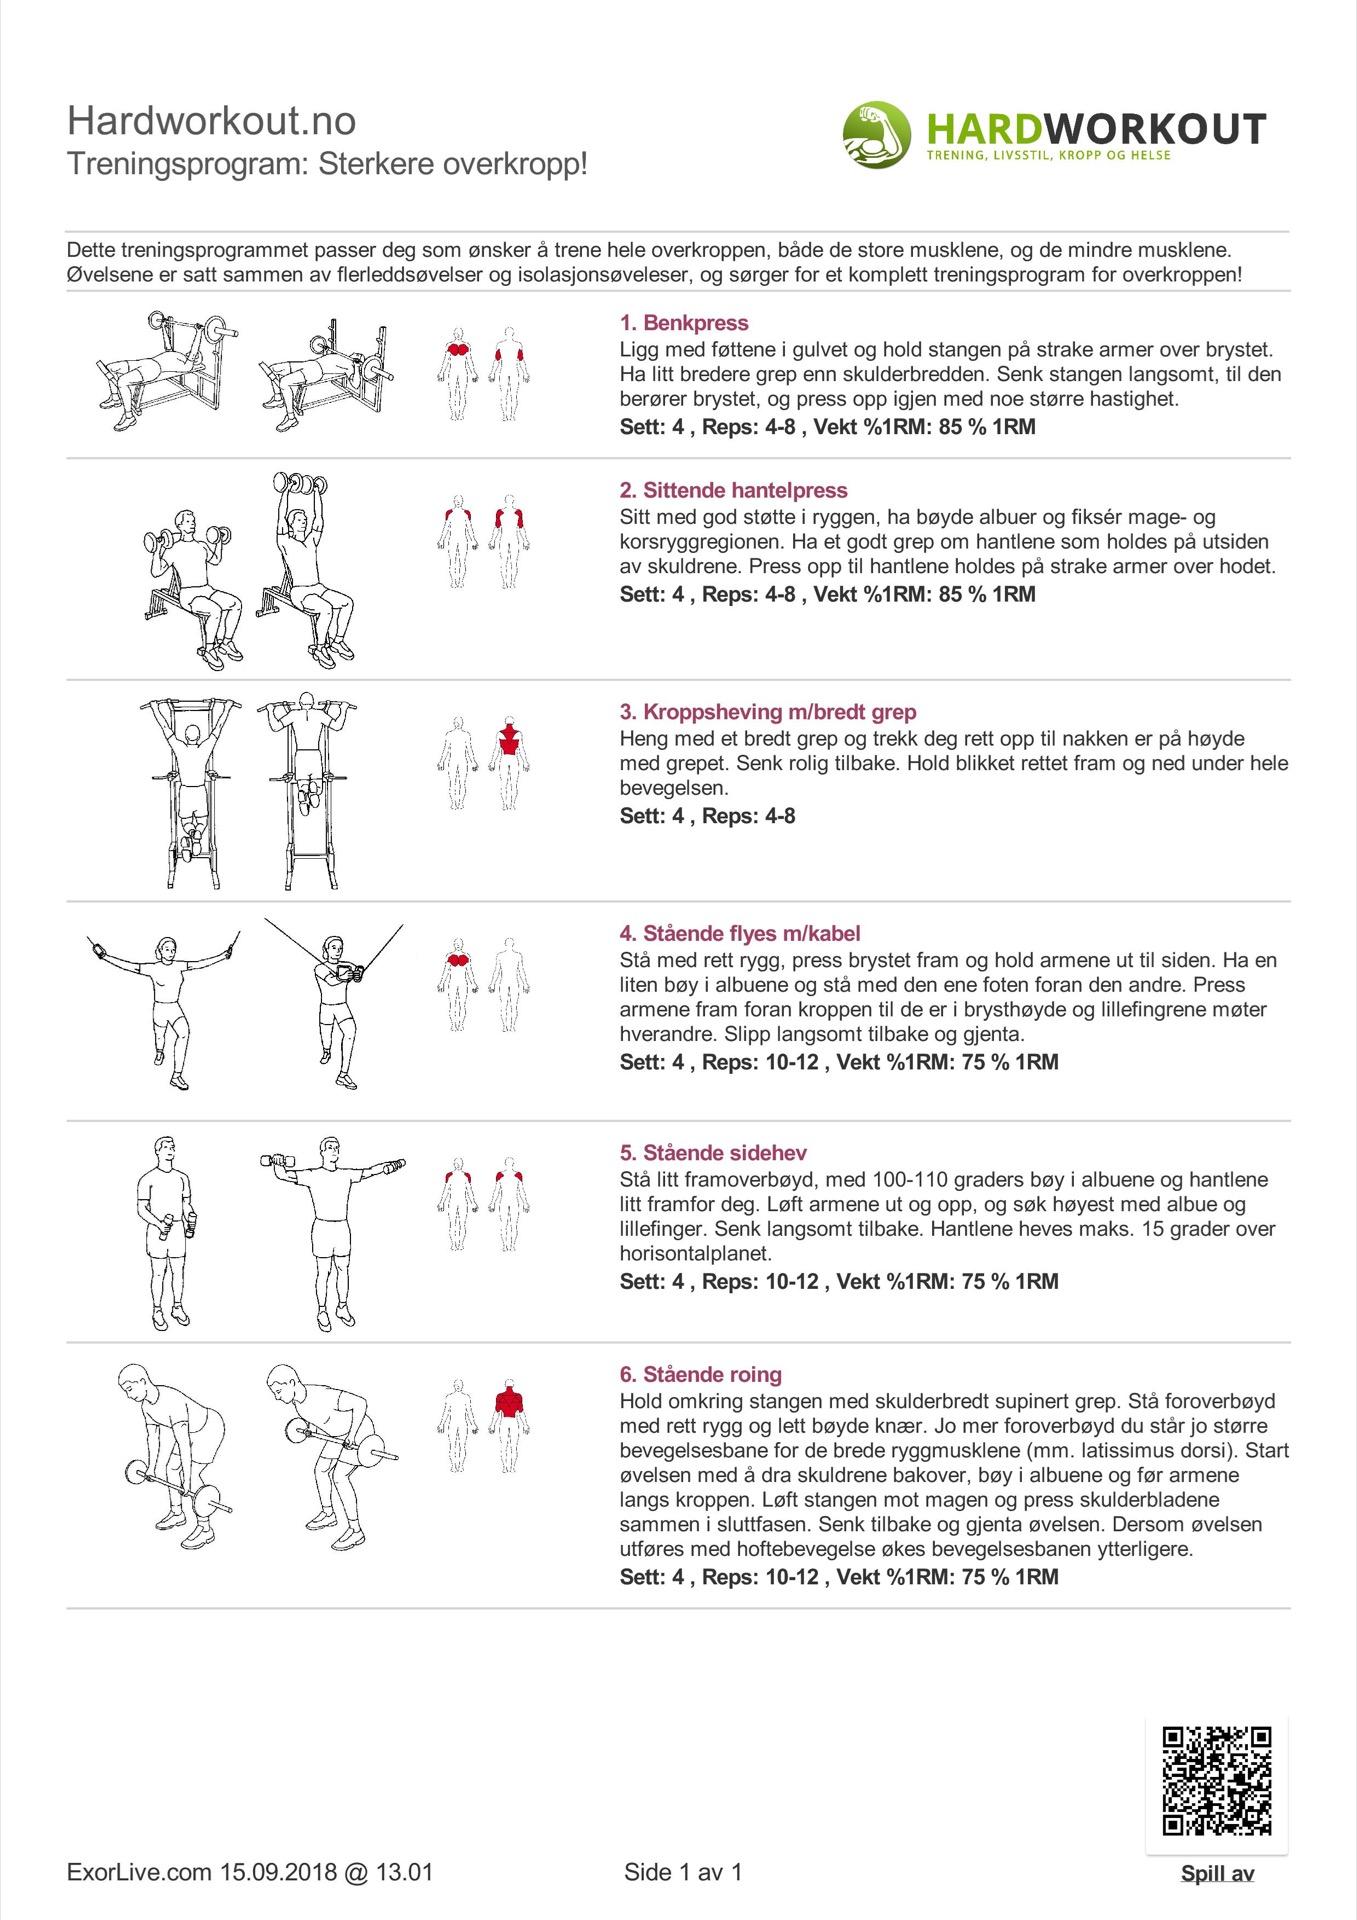 treningsopplegg for å gå ned i vekt